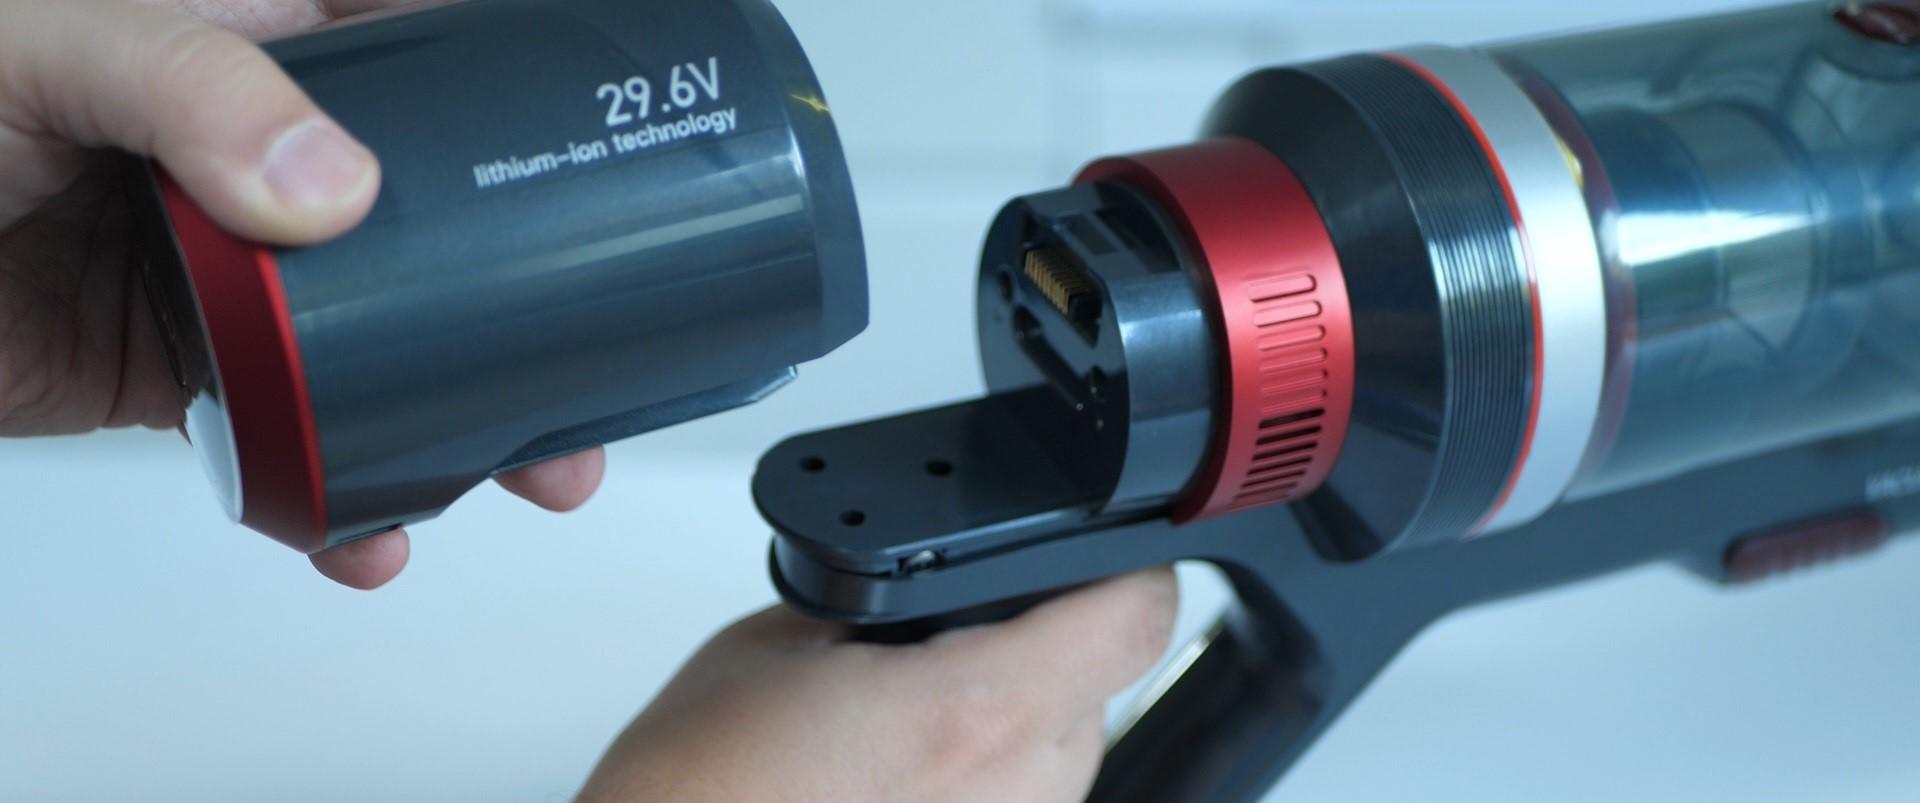 DIBEA F20 Max - recenzja bezprzewodowego odkurzacza o wielkiej mocy - odpinanie baterii